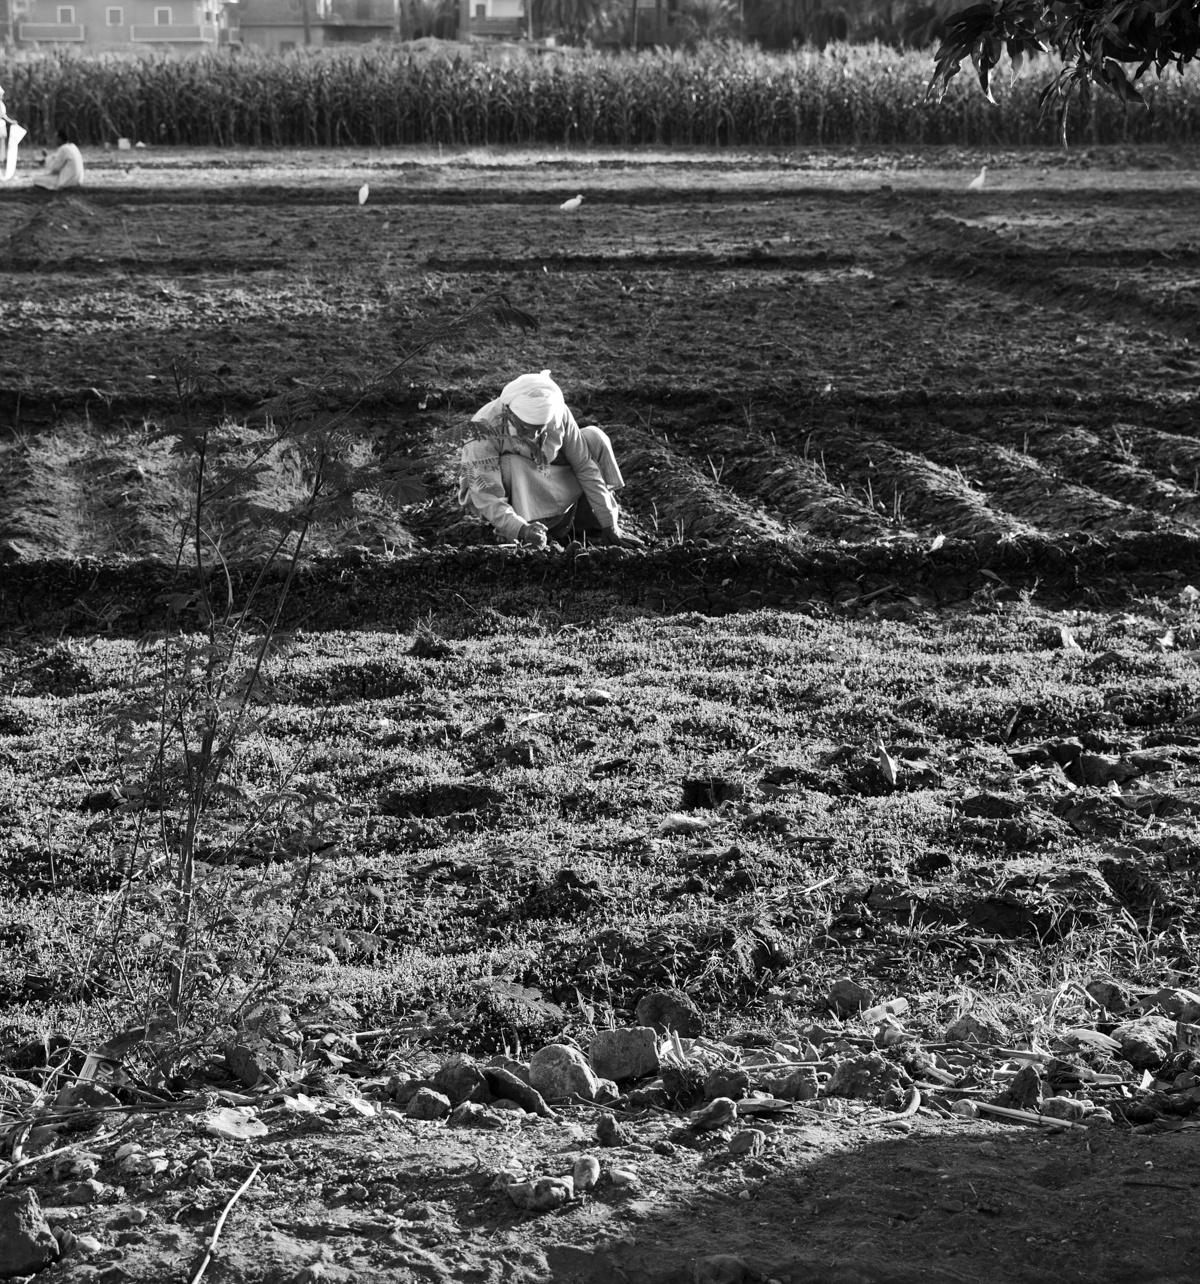 5 Fragen am Fünften April 2019 - meine Fragen heute in Schwarz Weiß - Black and White Fotography Frühstück bei Emma